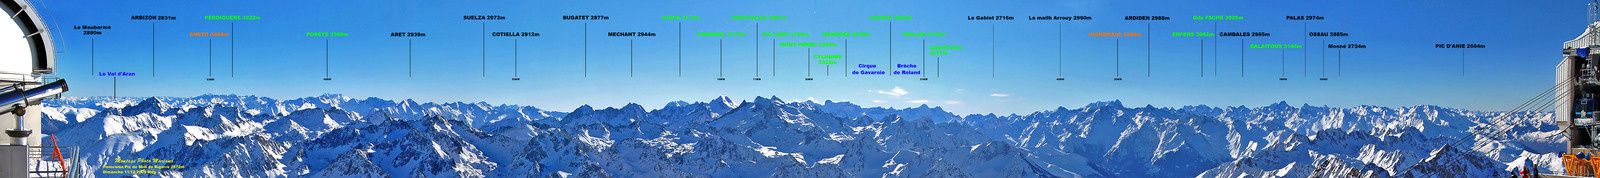 La chaîne Pyrénéennes épisode 1 : l'Ariège, ses rivières